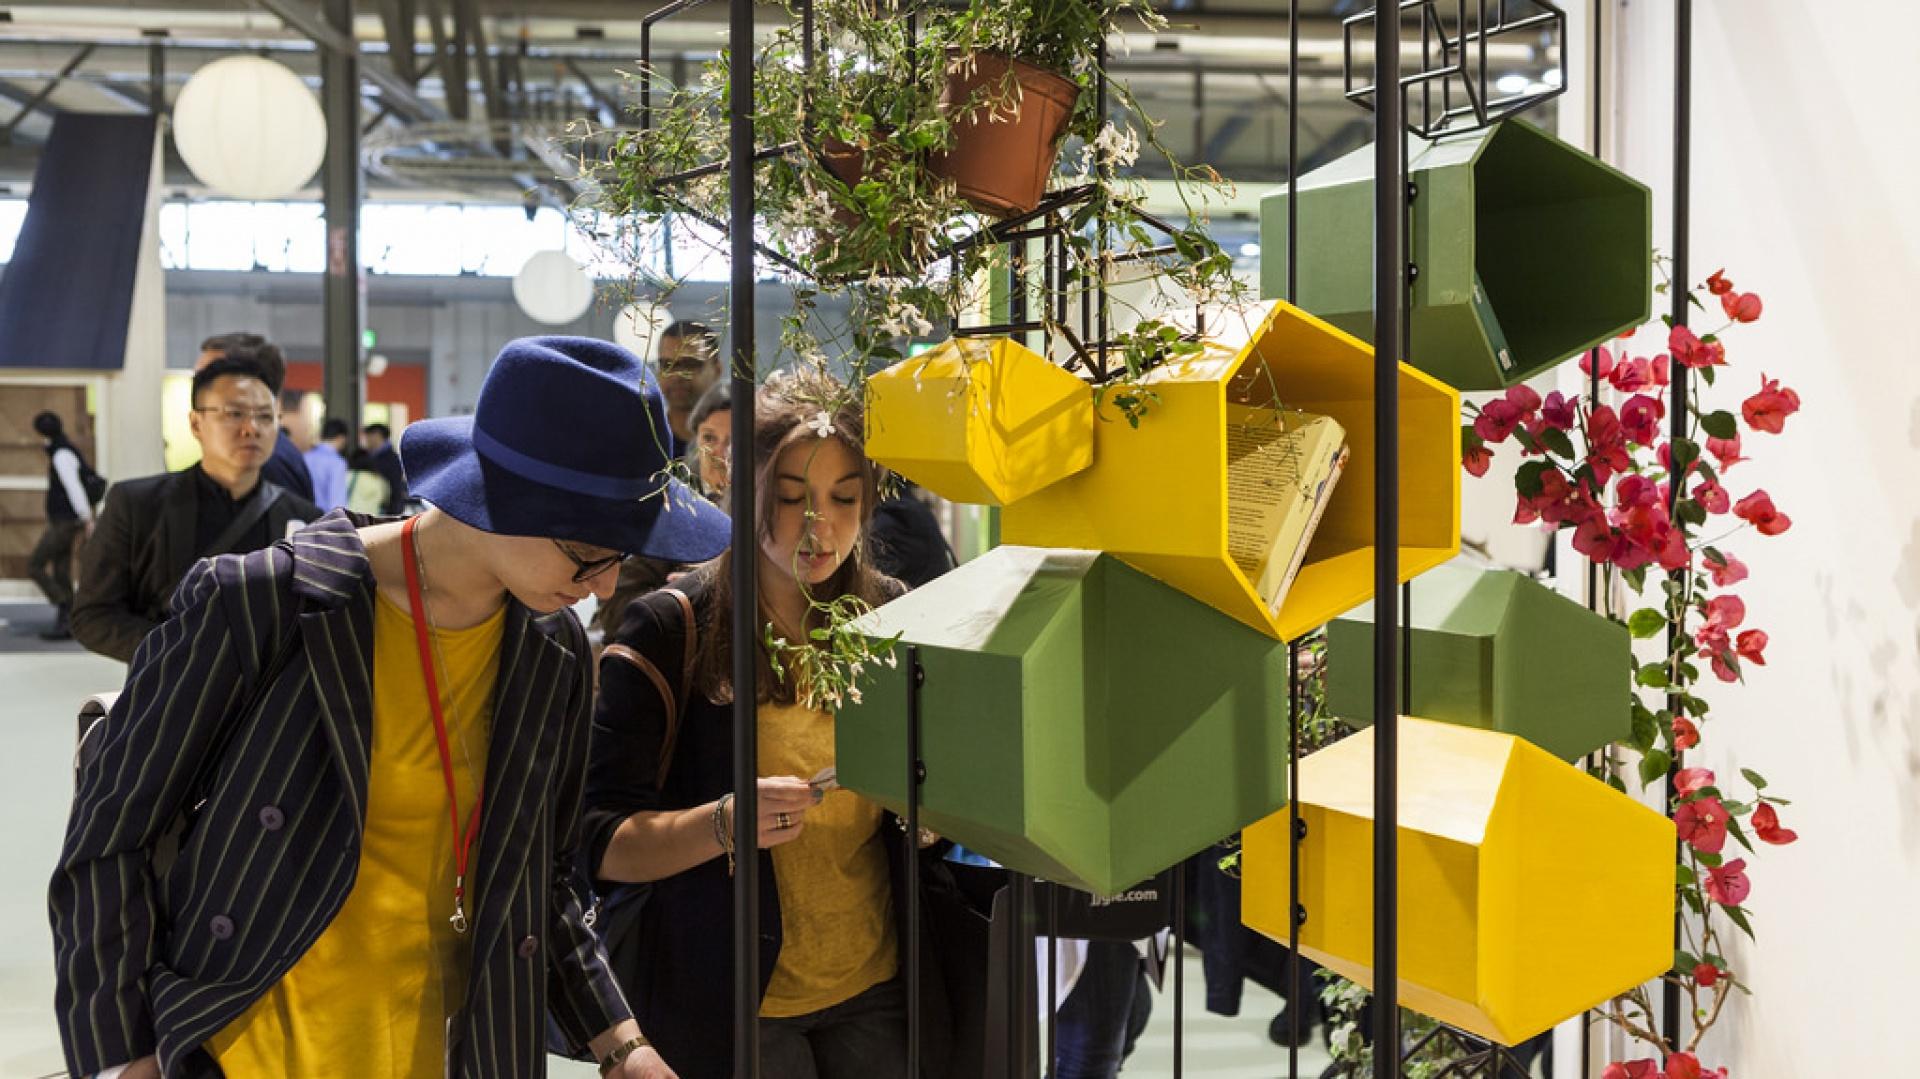 Targi iSaloni 2015, wystawa młodych designerów SaloneSatellite. Fot. Andrea Mariani